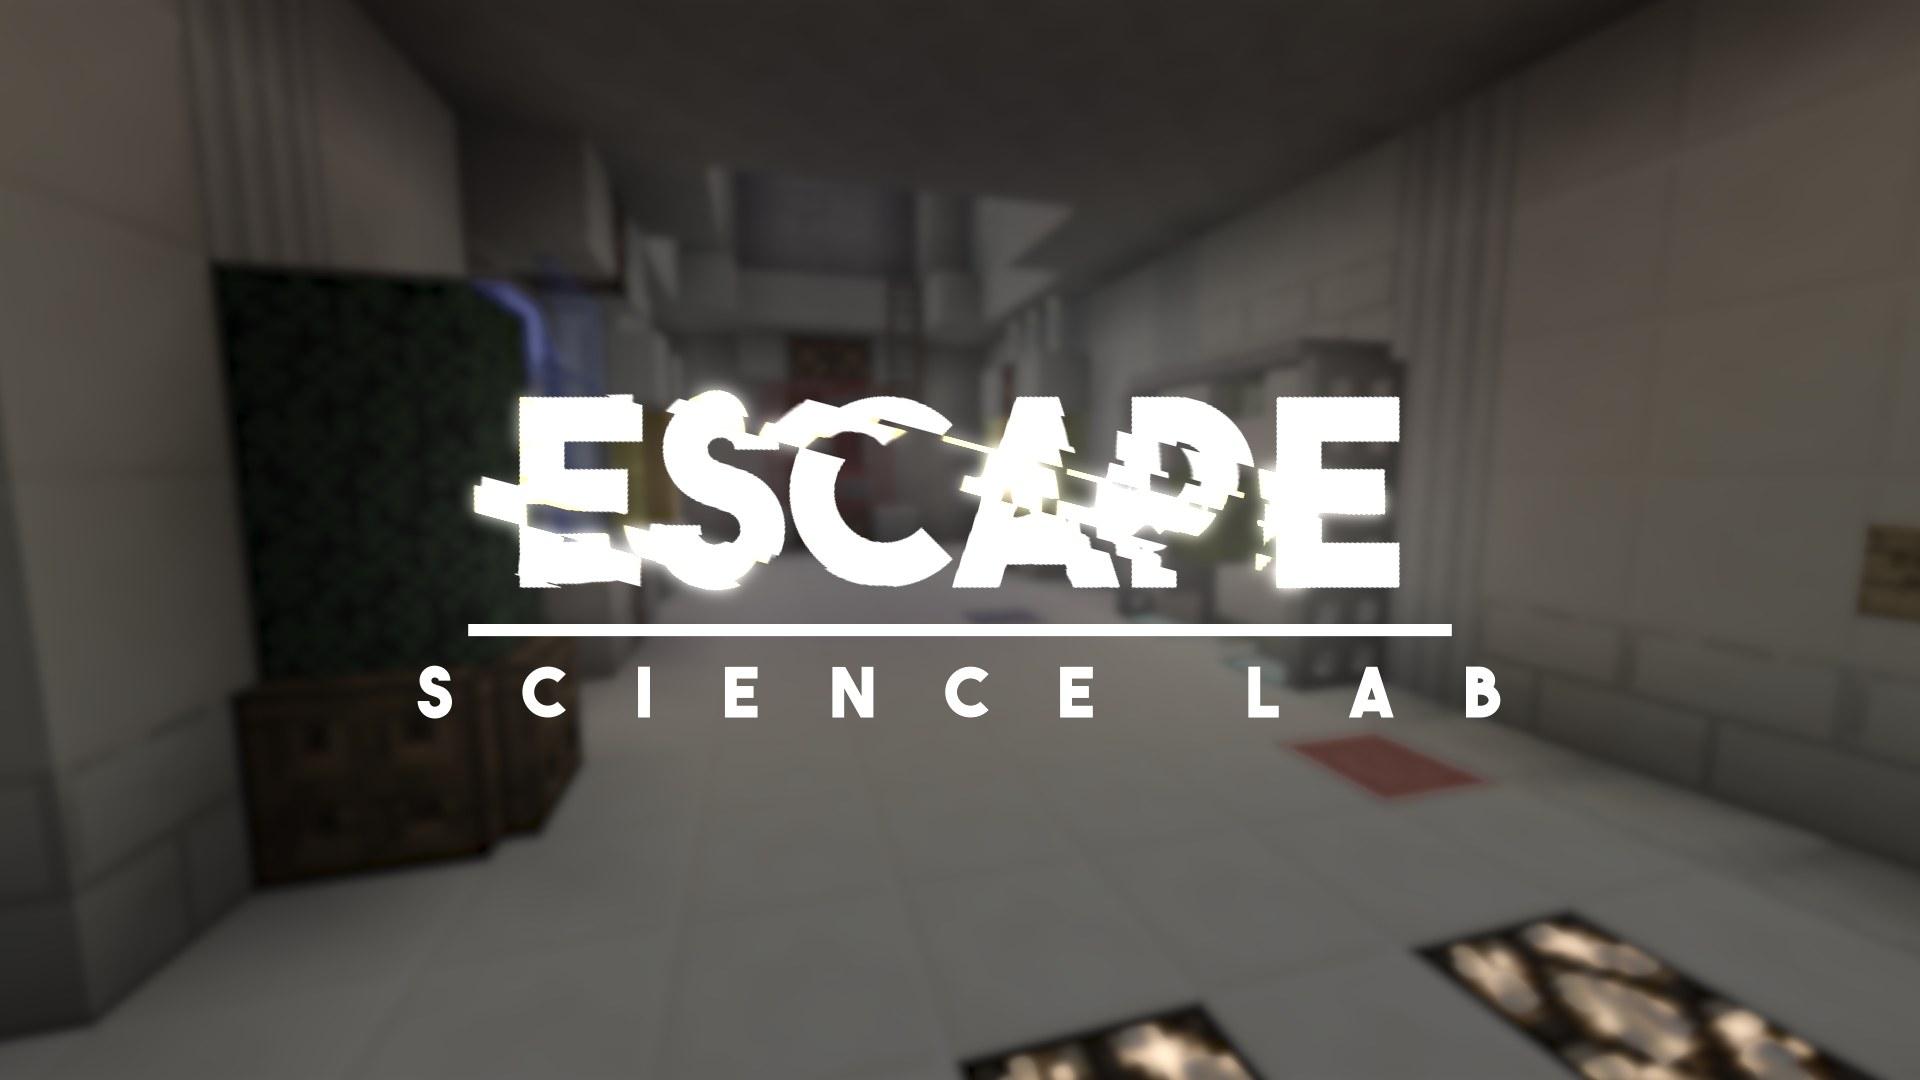 Escape: Lab